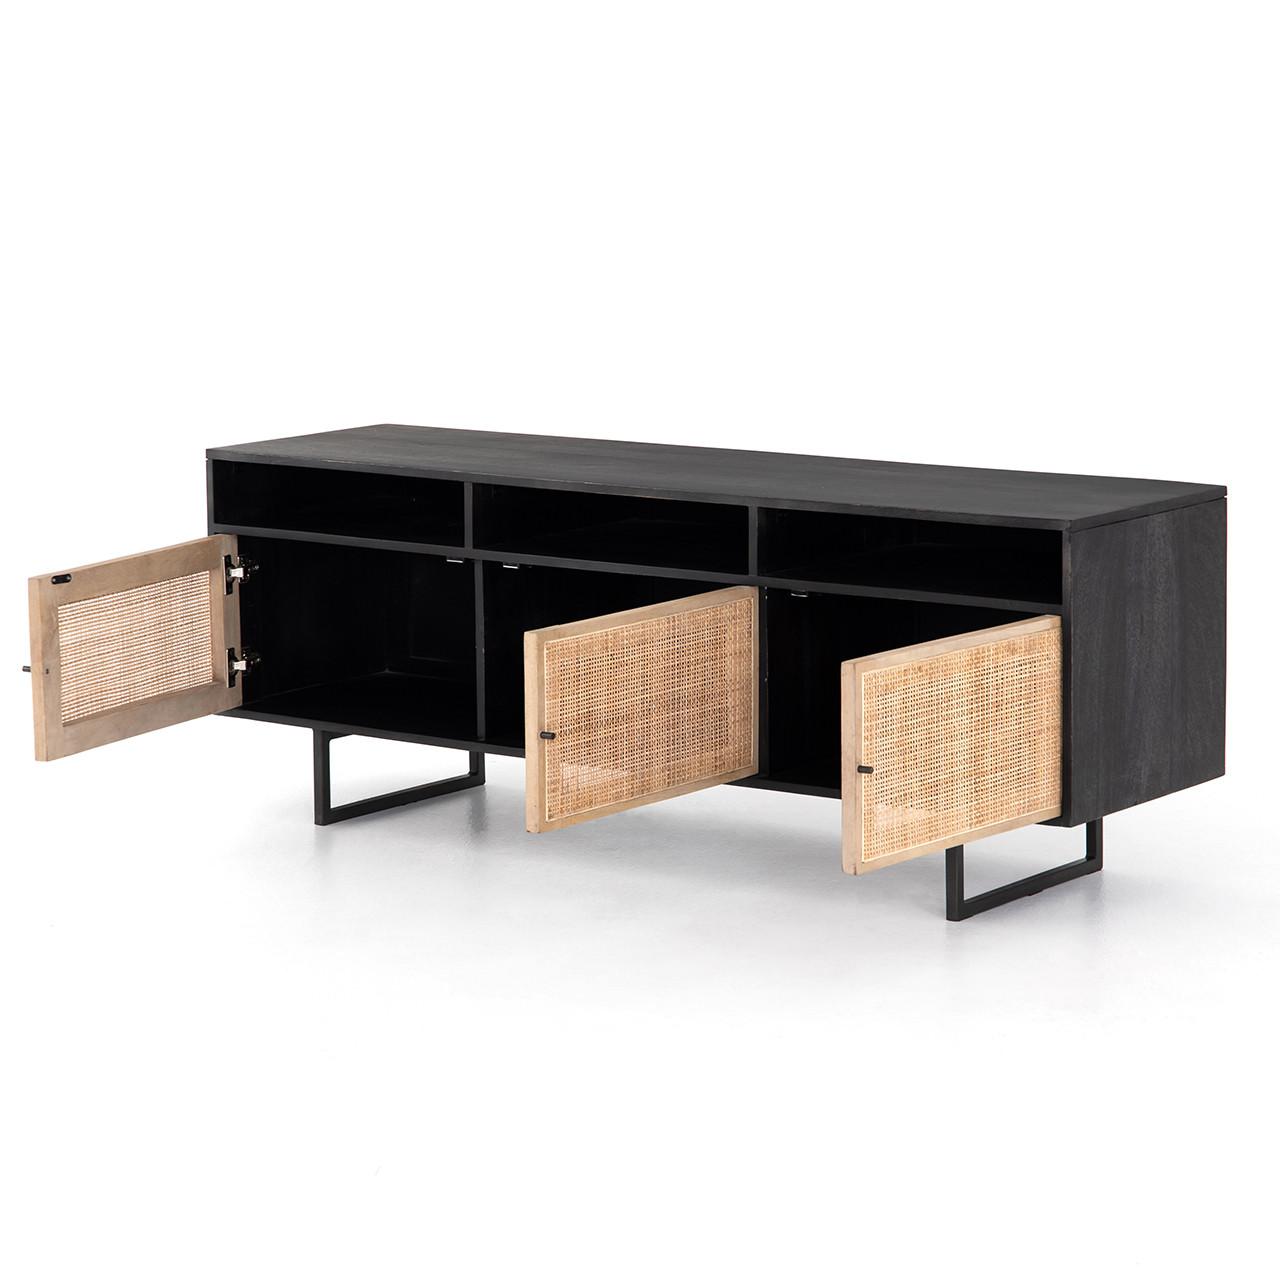 Bondi Cane Media Cabinet